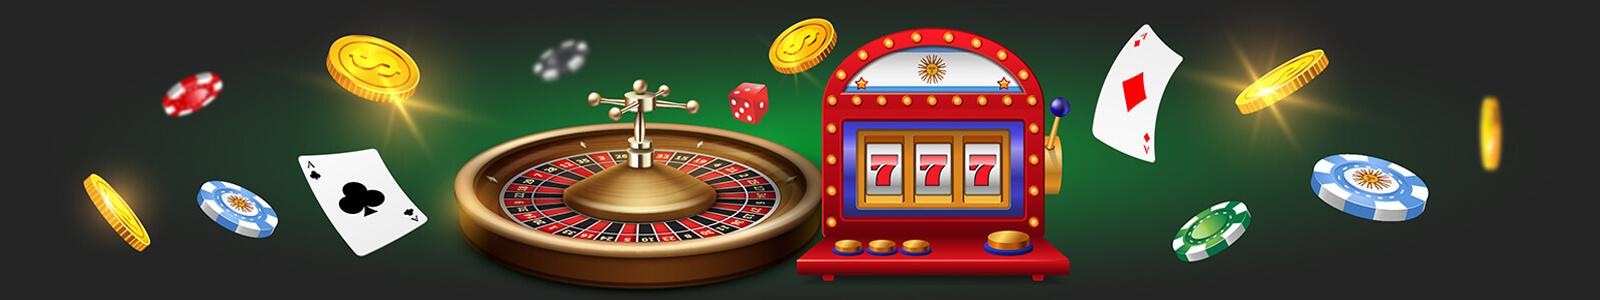 Juegos de casino online en Argentina